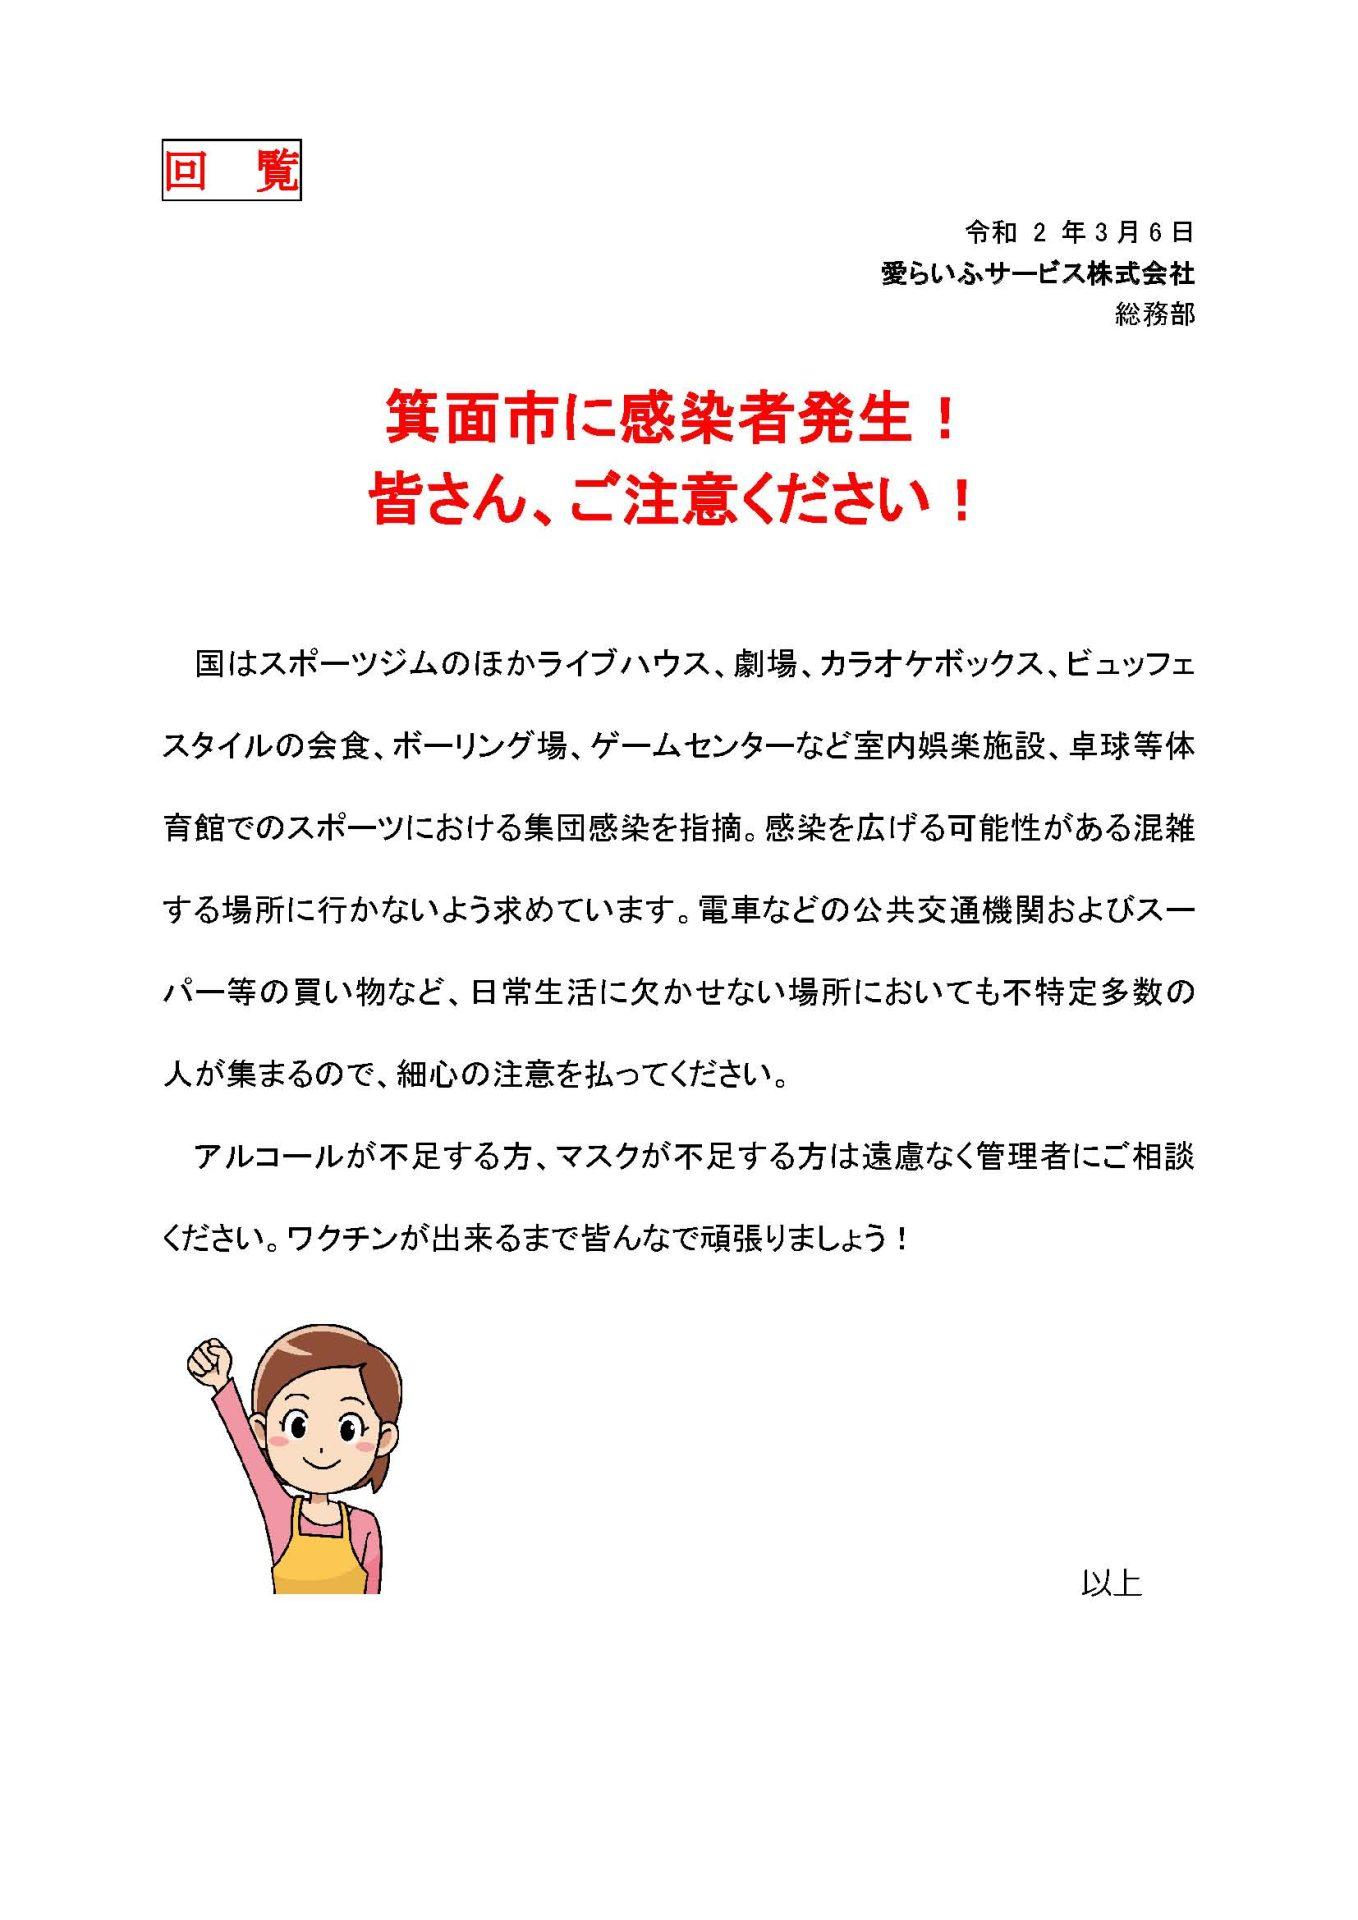 新型コロナウイルス感染拡大防止について(2)